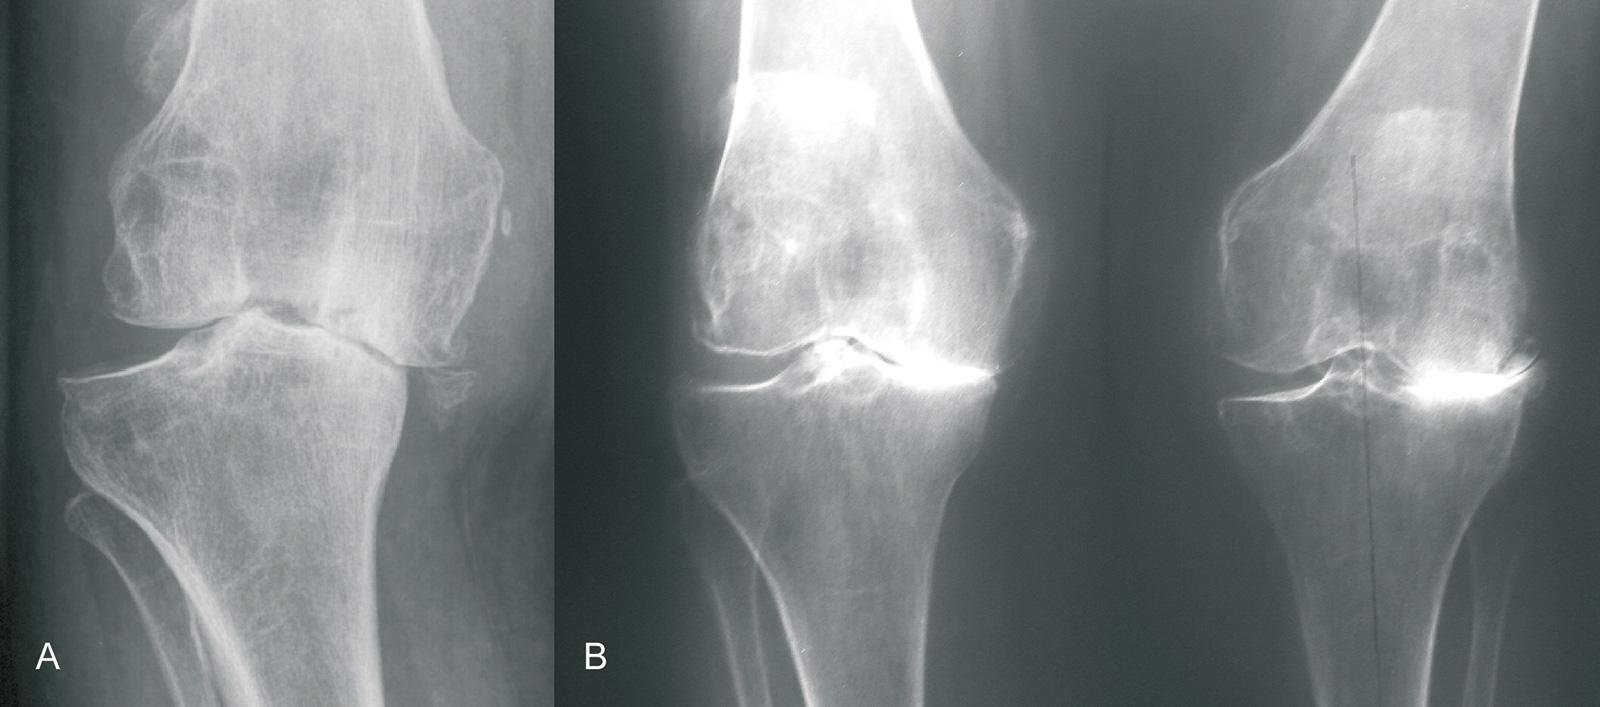 Abb. 1-29: Varusgonarthrose mit Subluxation des Femurs bei Insuffizienz des lateralen Seitenbandes (A), Windschlagdeformität: Kombination aus Varusgonarthrose (rechtes Knie) und Valgusgonarthrose (linkes Knie) (B)